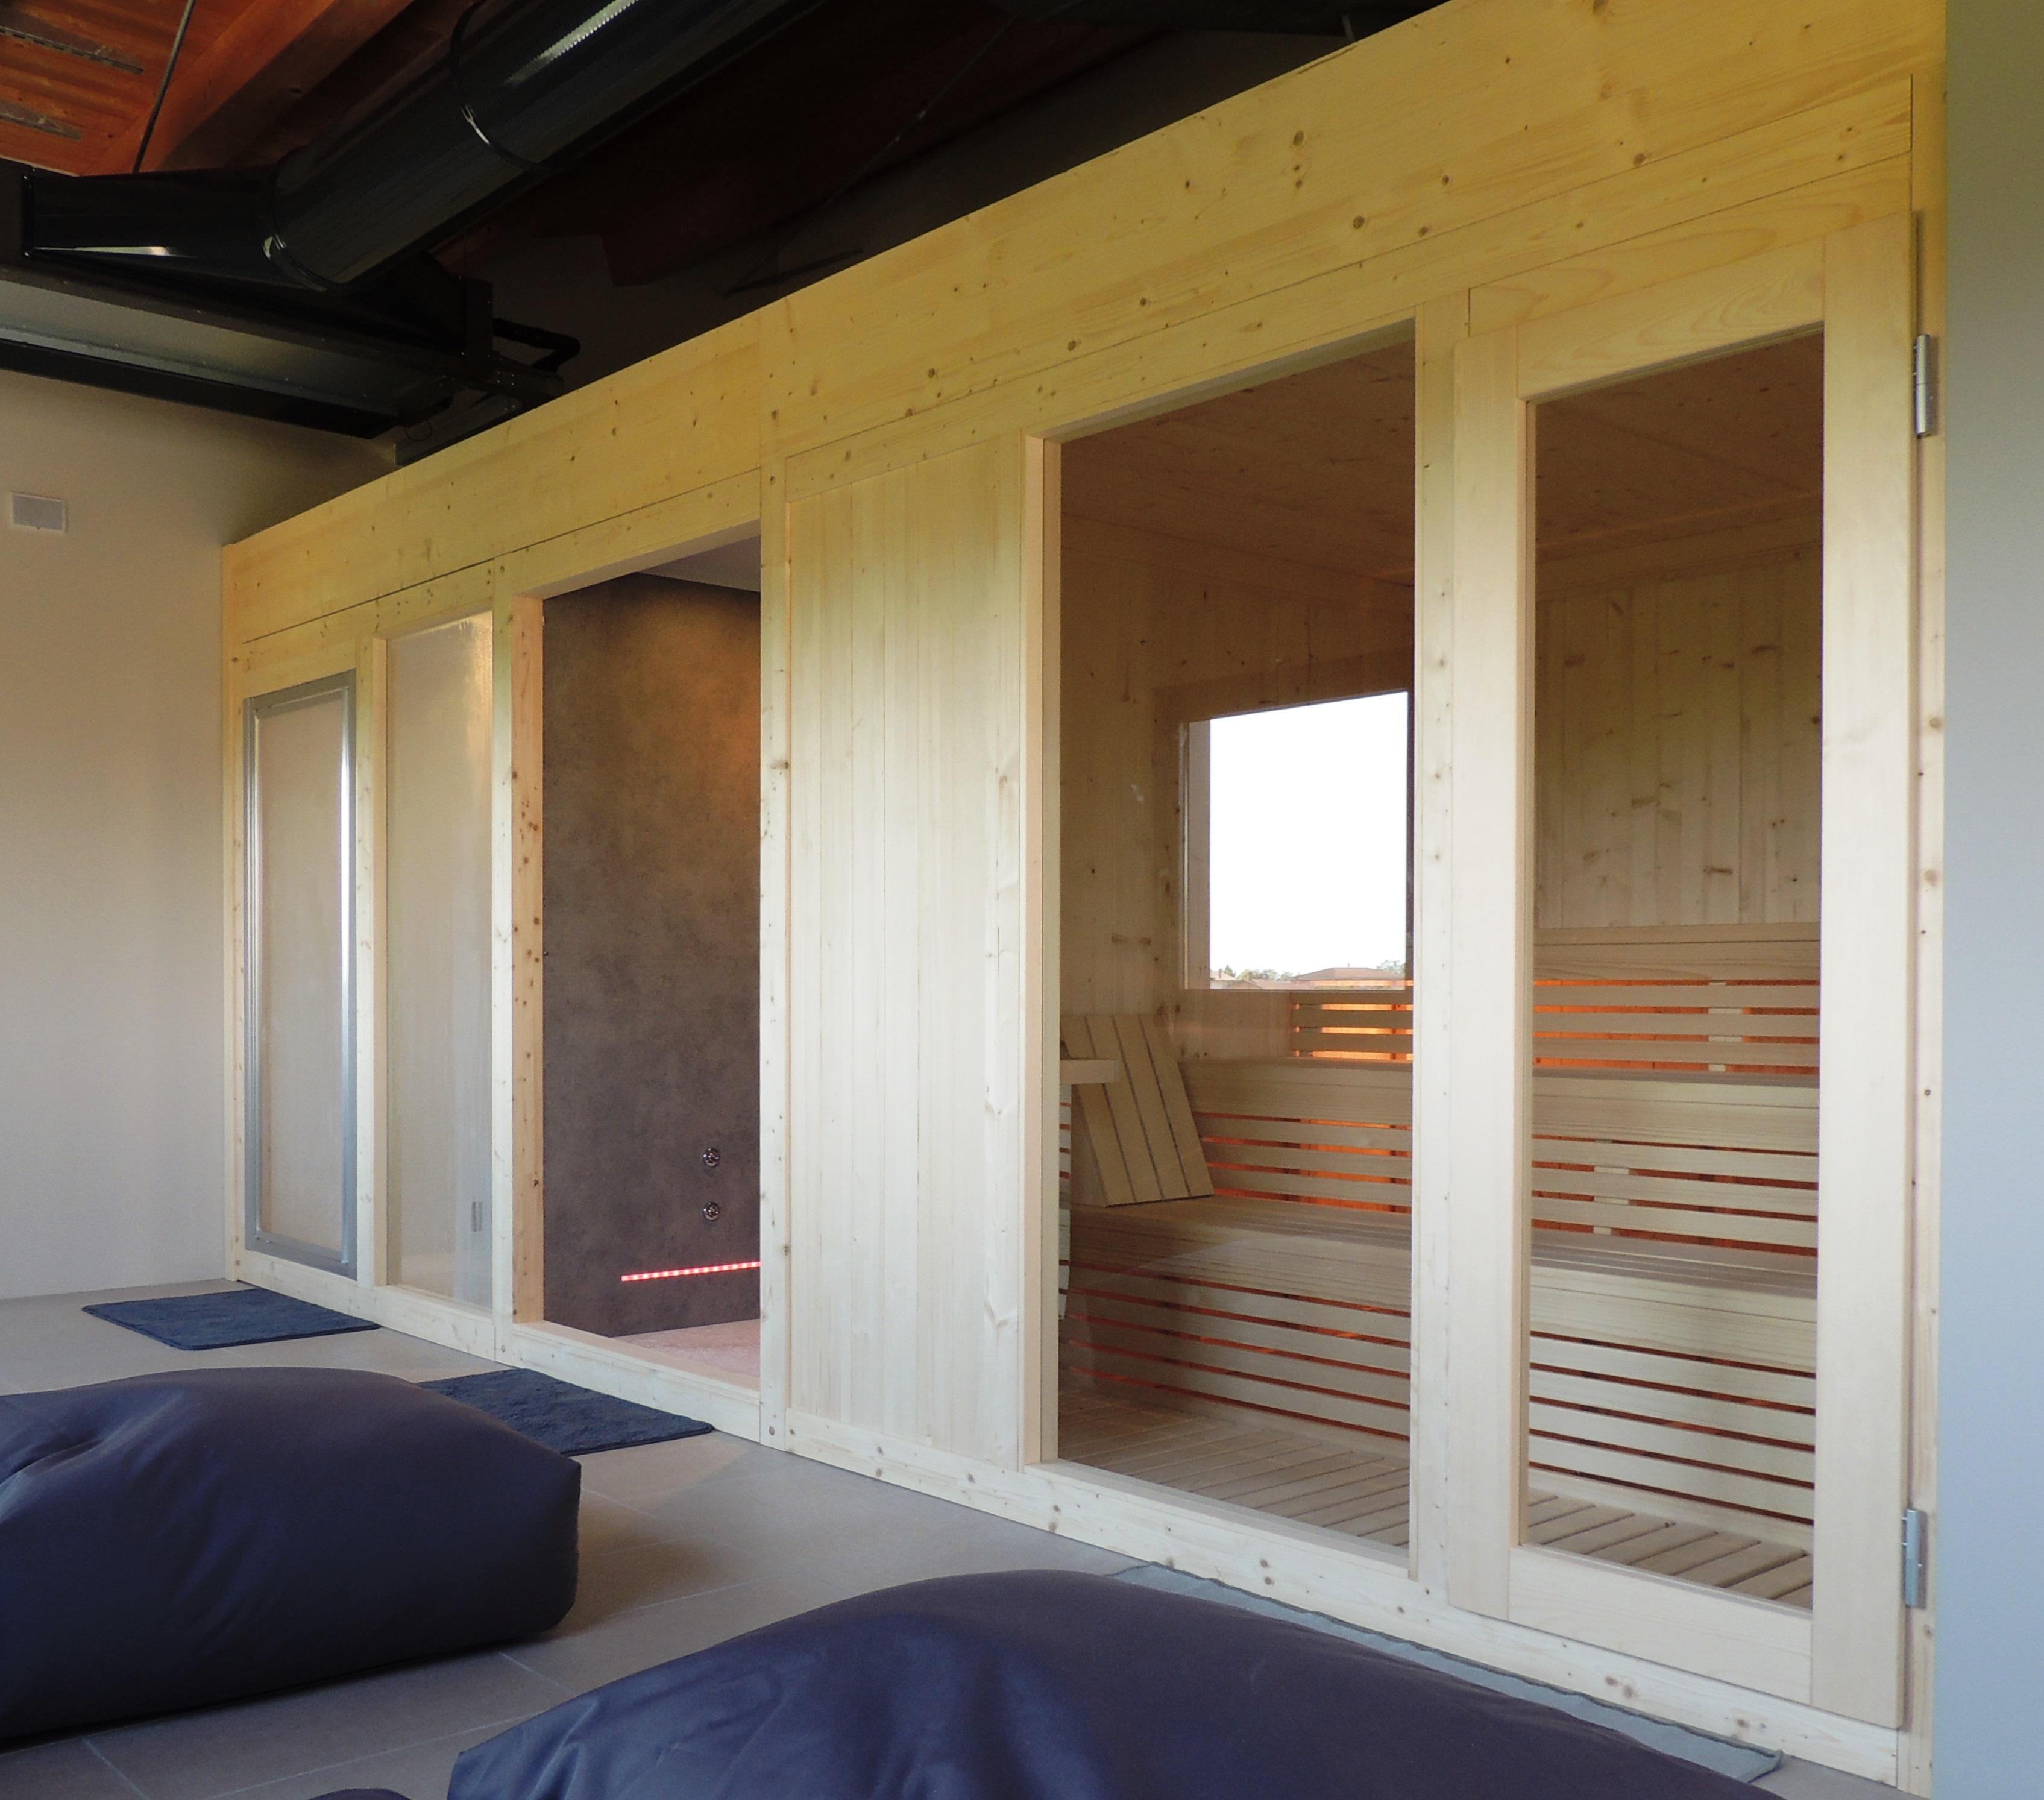 Doccia Bagno Turco Su Misura.Modelli Sauna Finlandese E Sauna Con Bagno Turco Hammam In